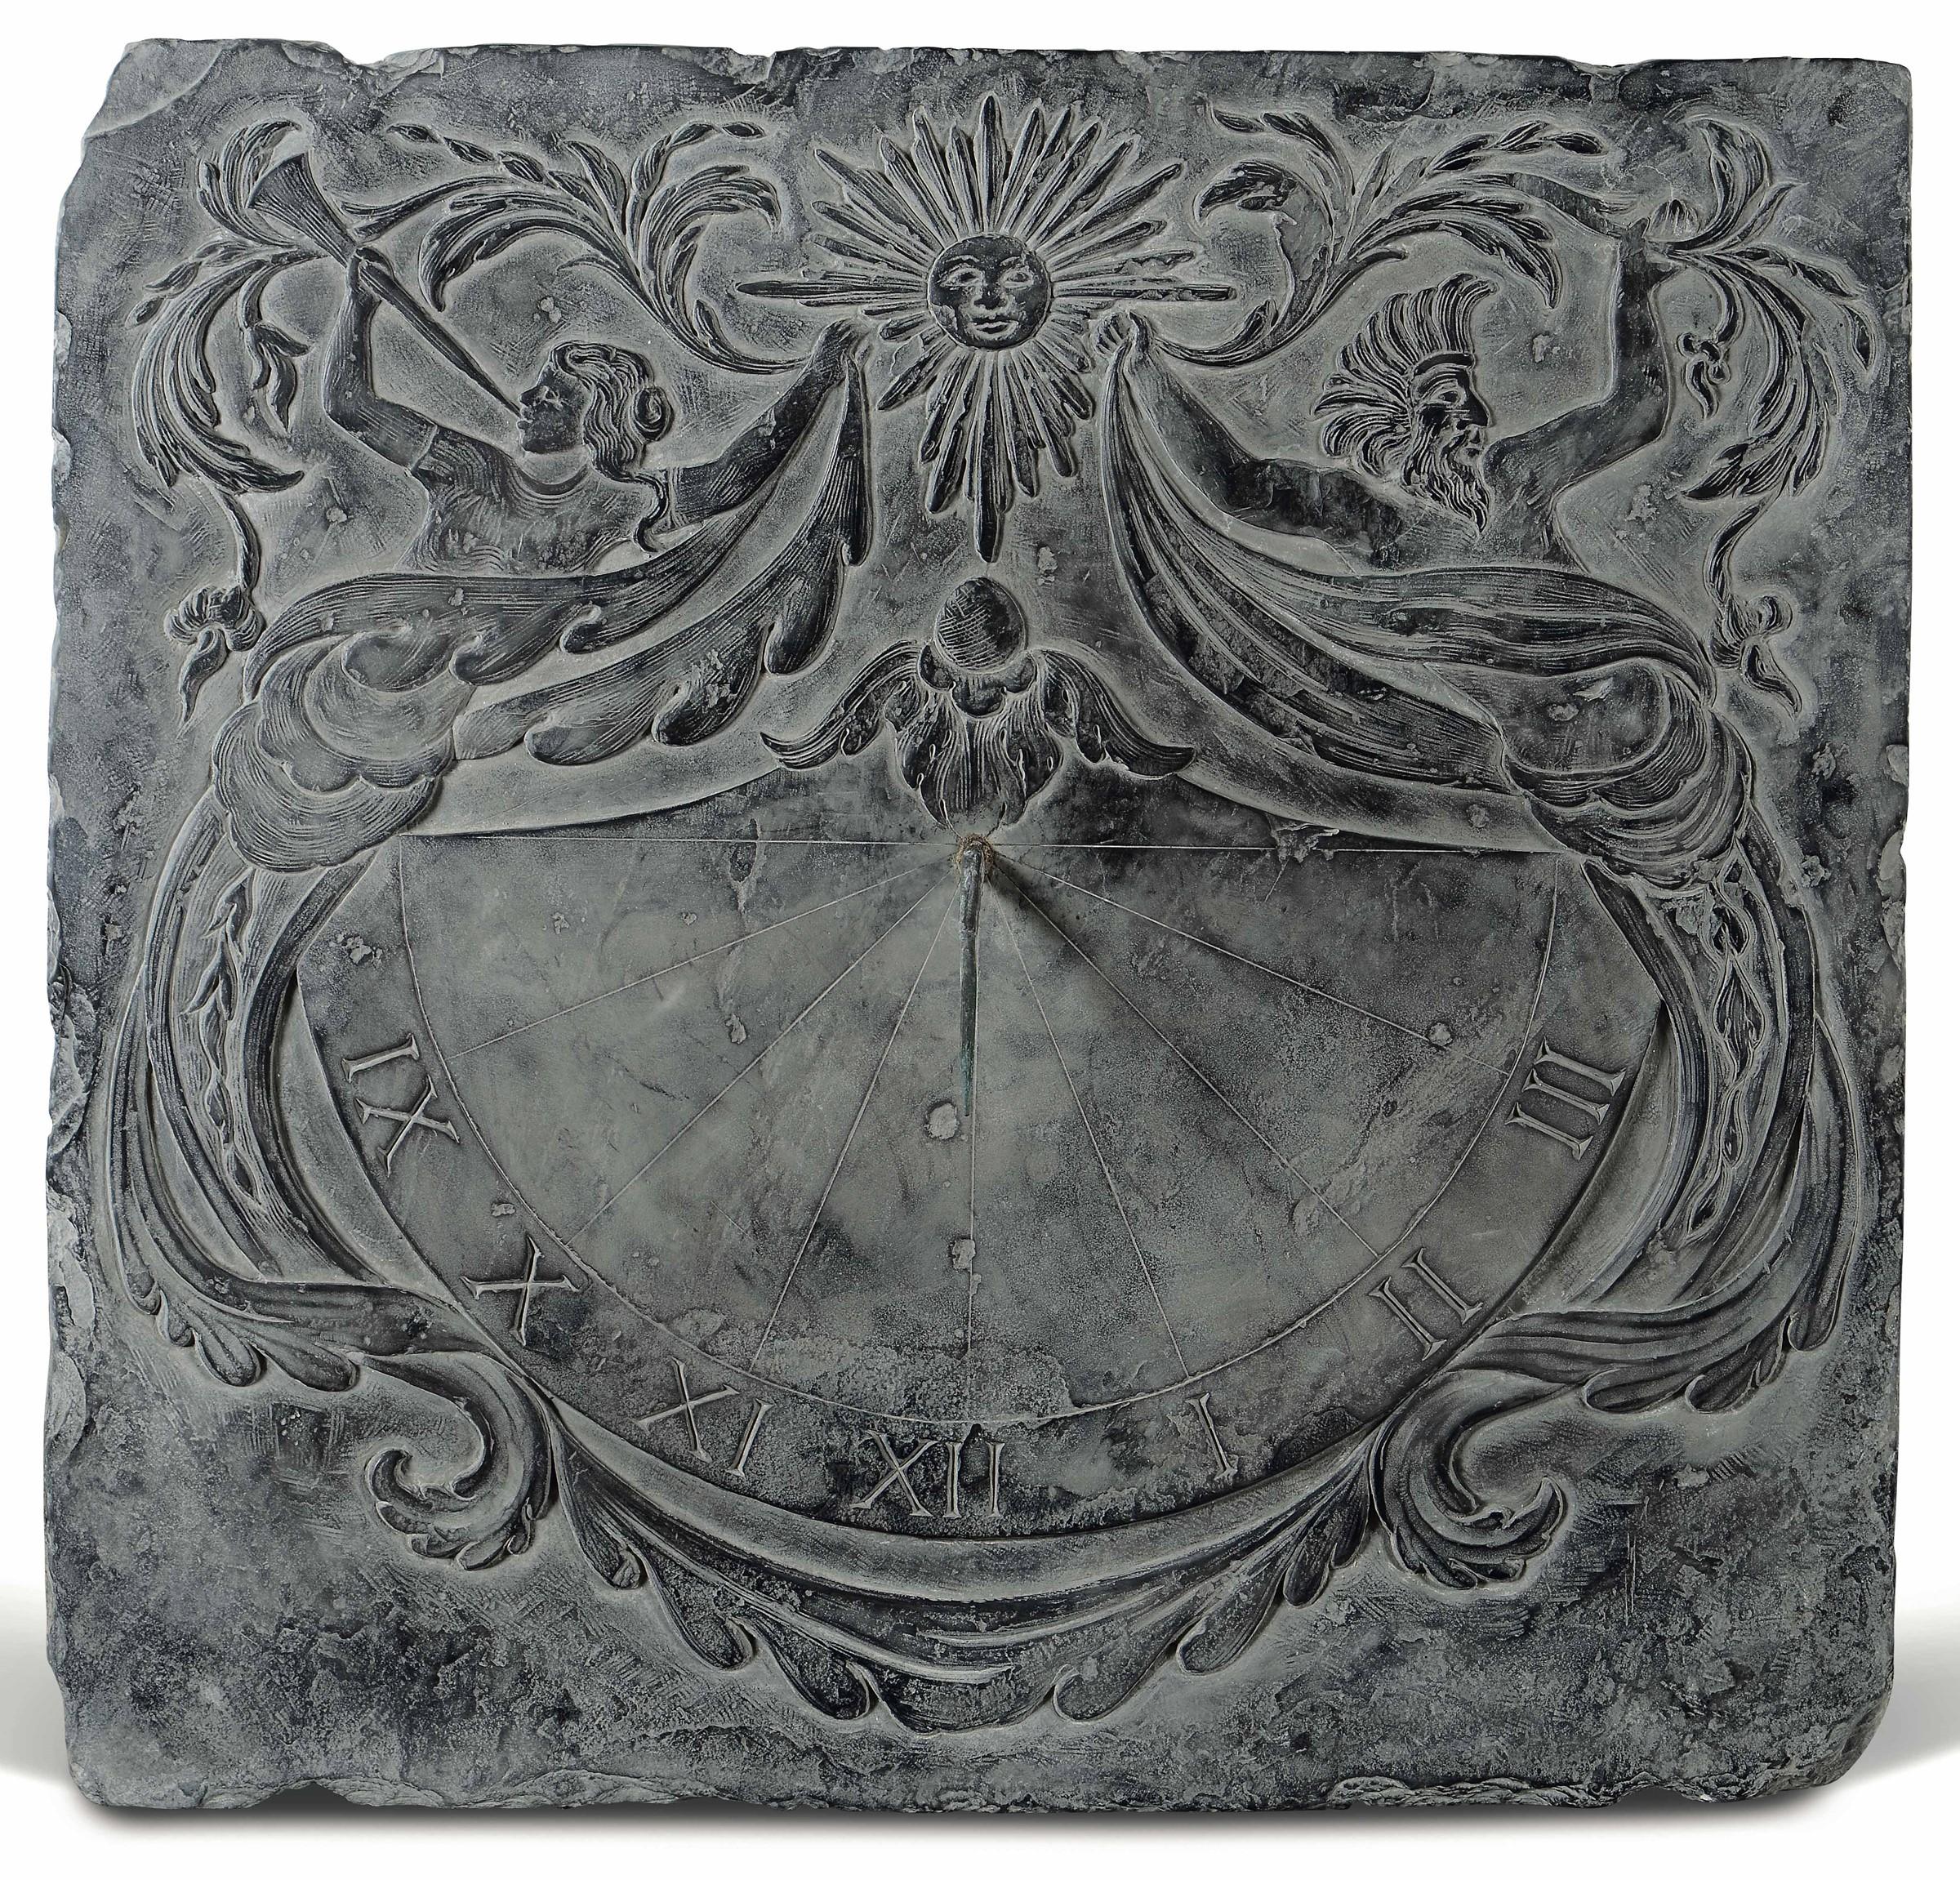 Meridiana da giardino in ardesia, probabilmente Genova, XVIII secolo, - incisioni [...]